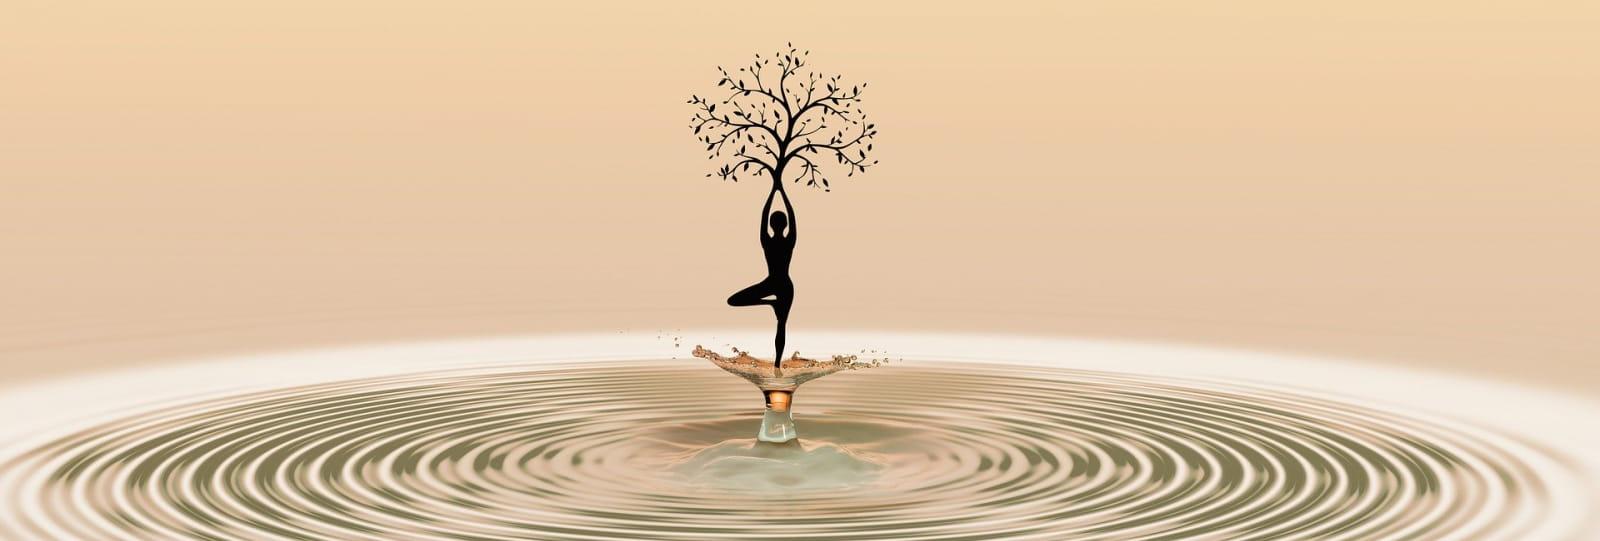 yoga et vin-cave pradelle_chanos curson